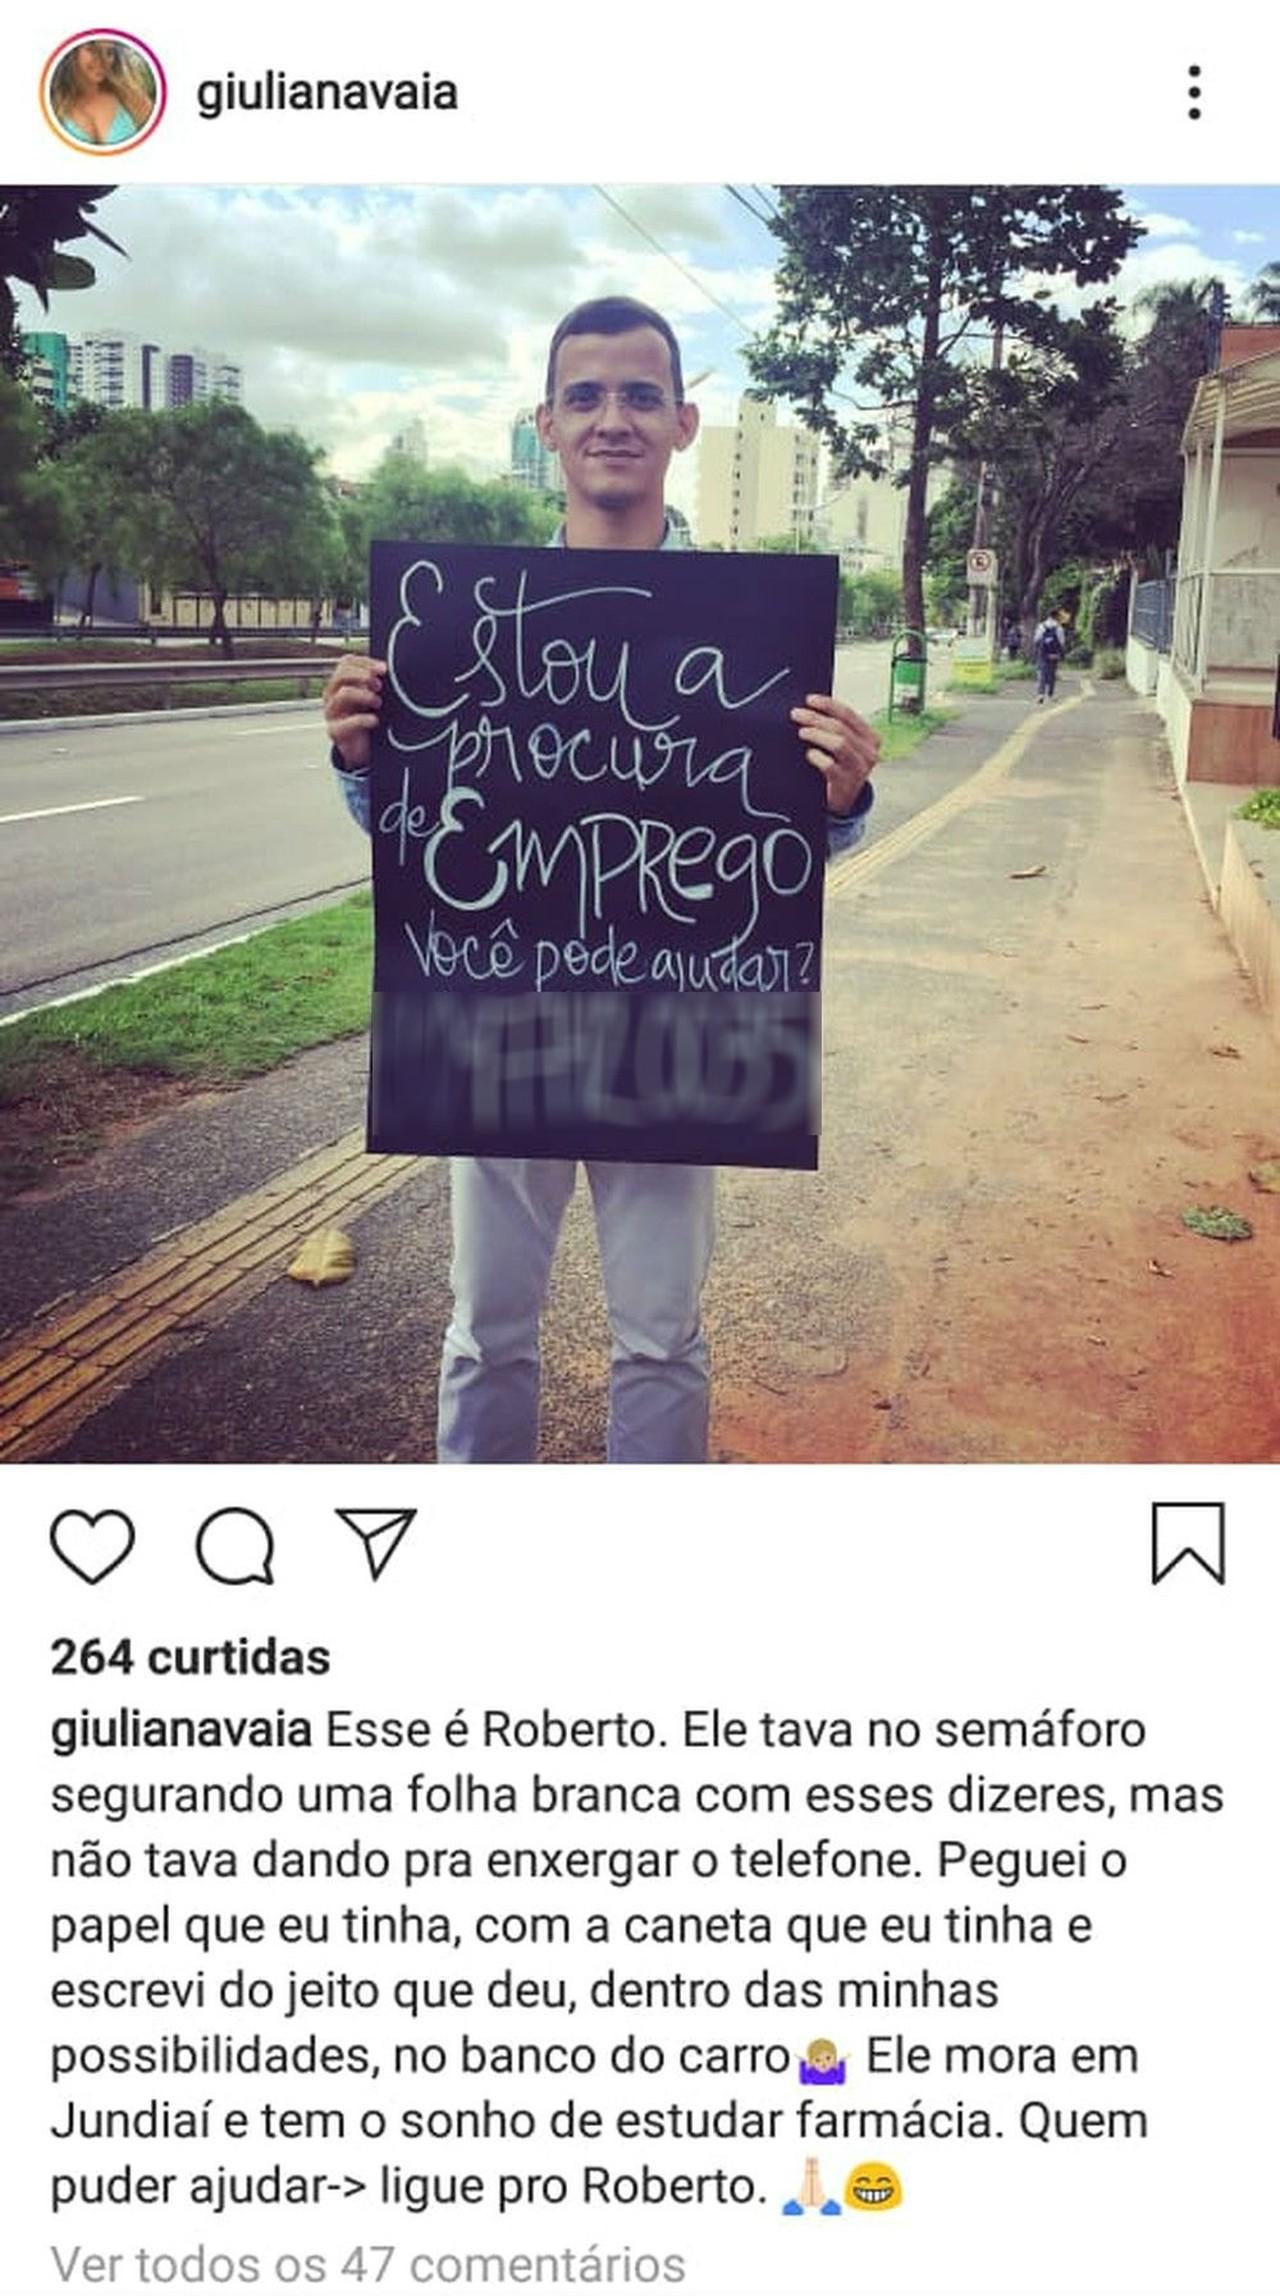 Jovem consegue emprego após usar 'cartaz personalizado' em semáforo de Jundiaí (SP)